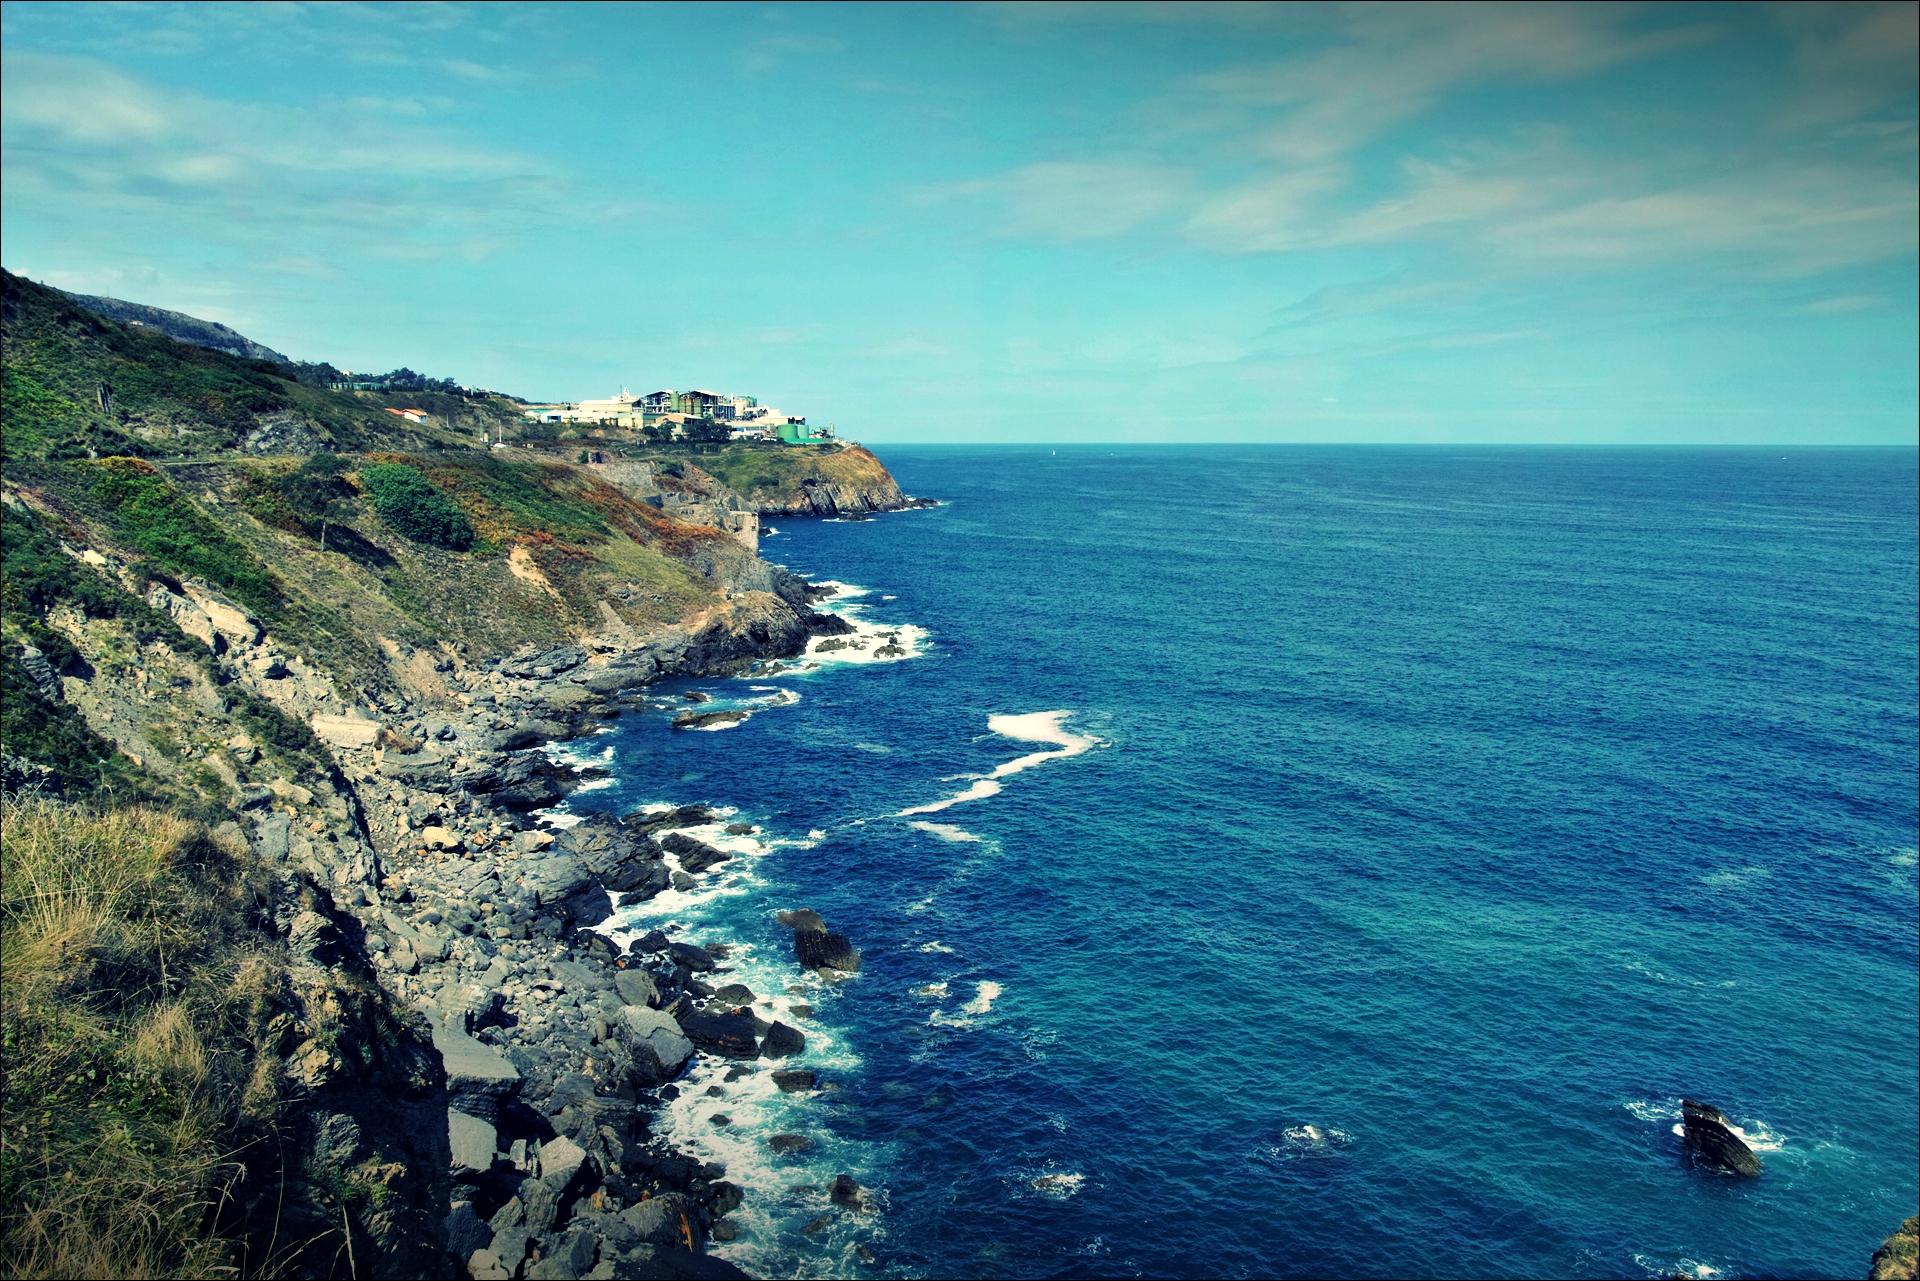 바다-'카미노 데 산티아고 북쪽길. 포르투갈레테에서 카스트로 우르디알레스. (Camino del Norte - Portugalete to Castro Urdiales) '